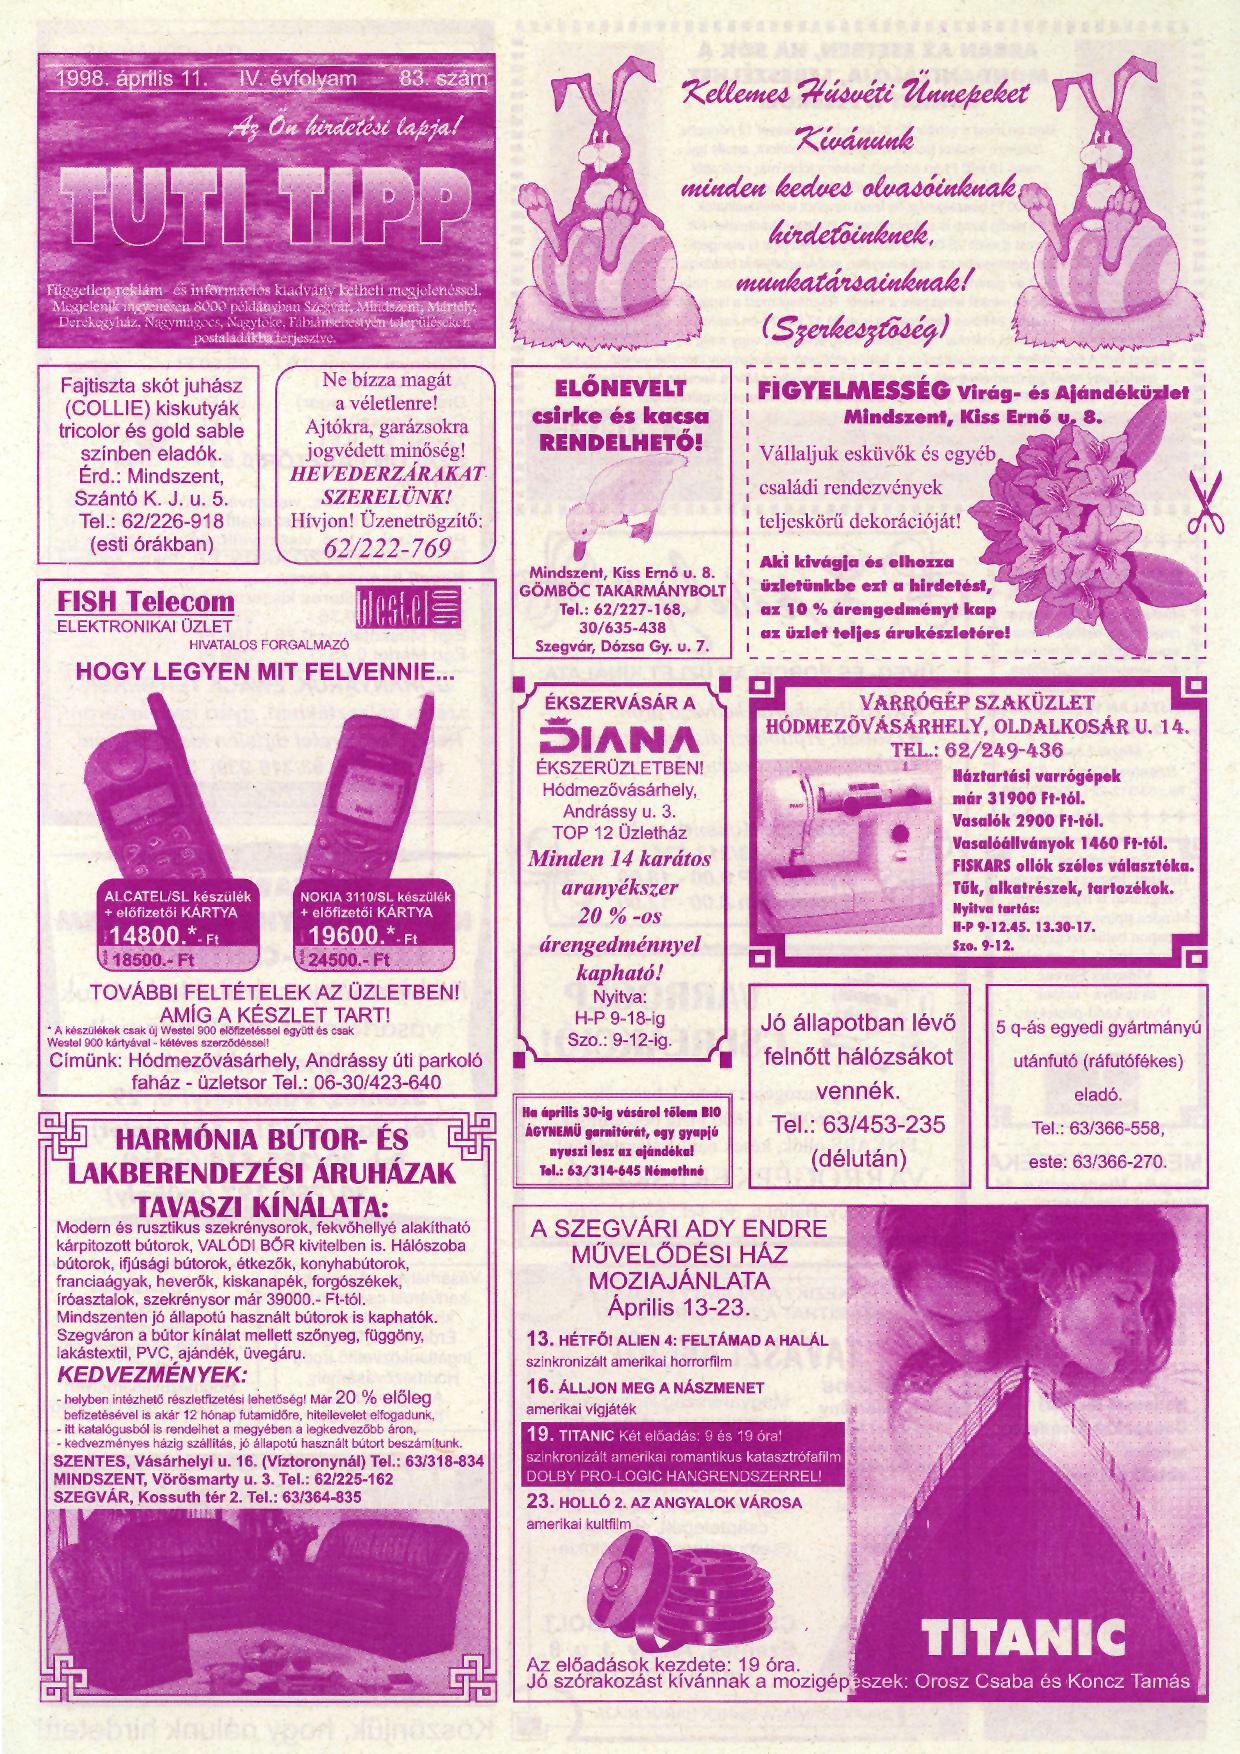 011 Tuti Tipp reklámújság - 19980411-083. lapszám - 1.oldal - IV. évfolyam.jpg